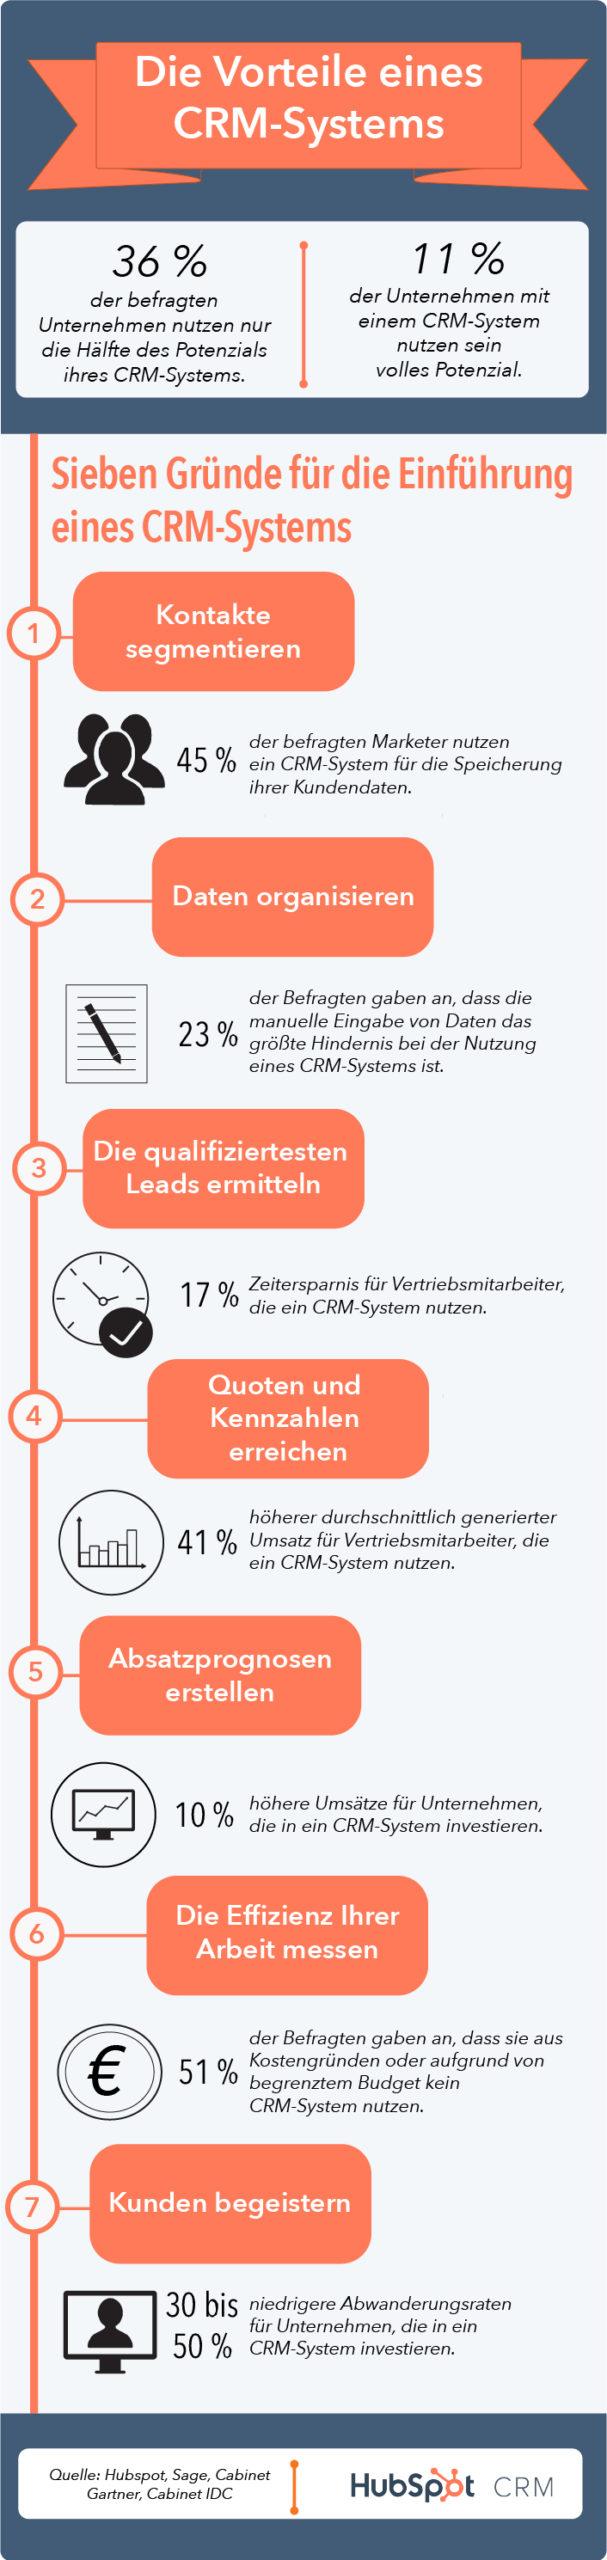 CRM Vorteile Infografik (Bild: Hubspot)